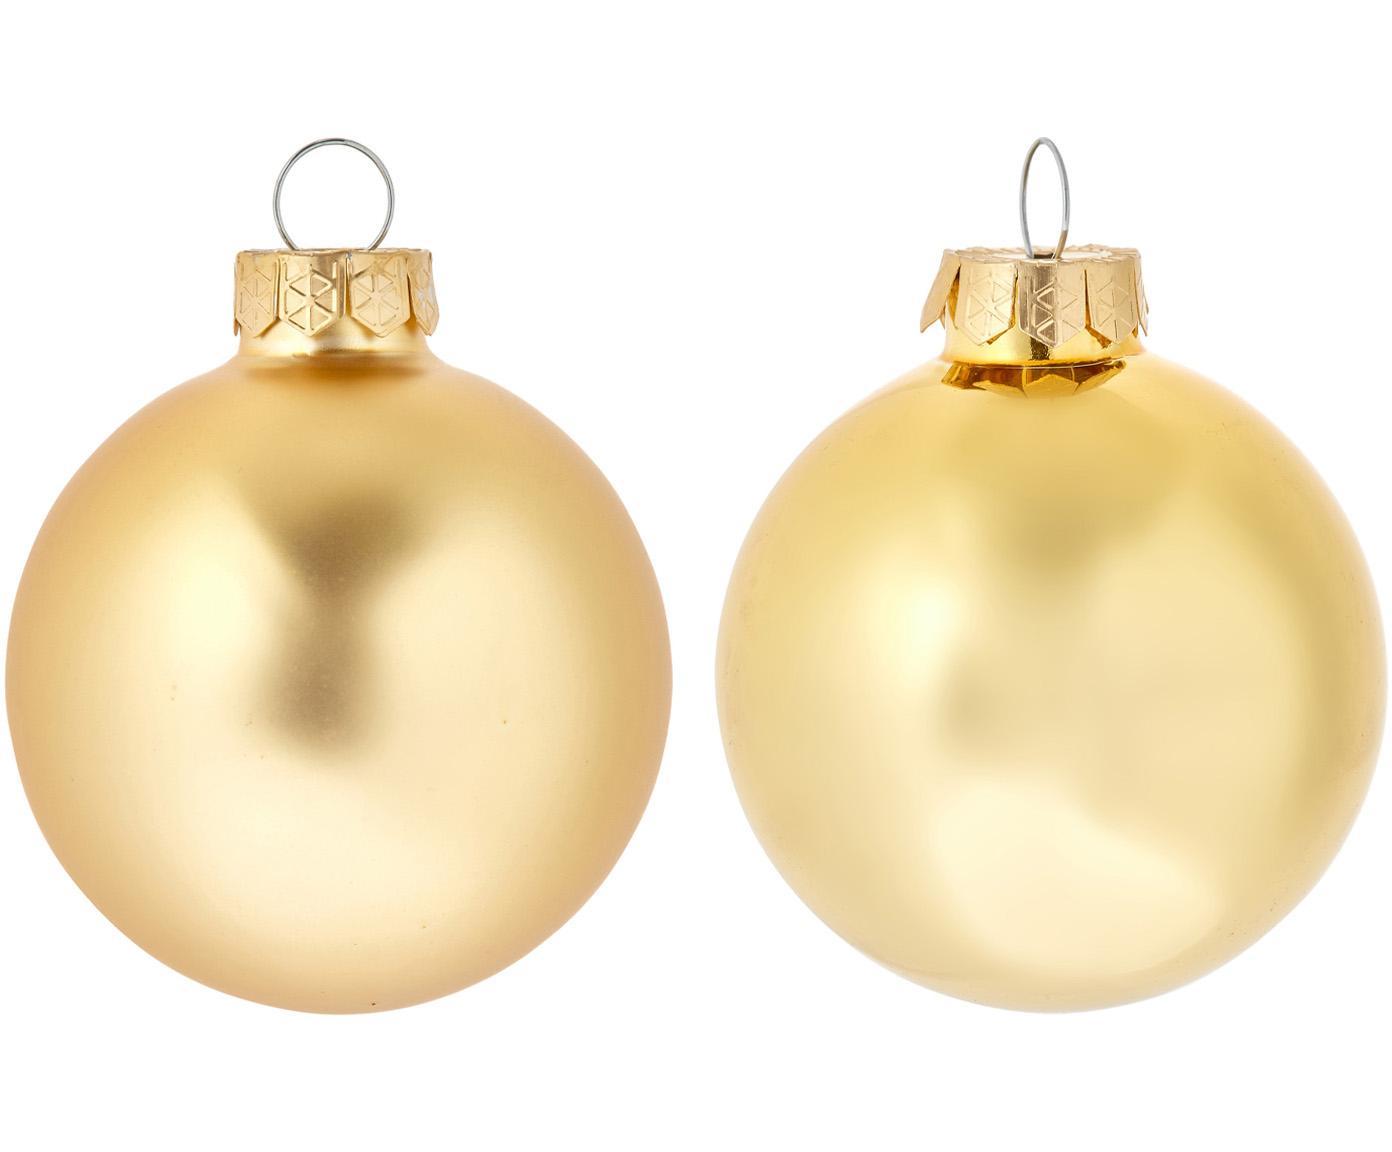 Kerstballenset Evergreen Ø 6 cm, 10-delig, Goudkleurig, Ø 6 cm